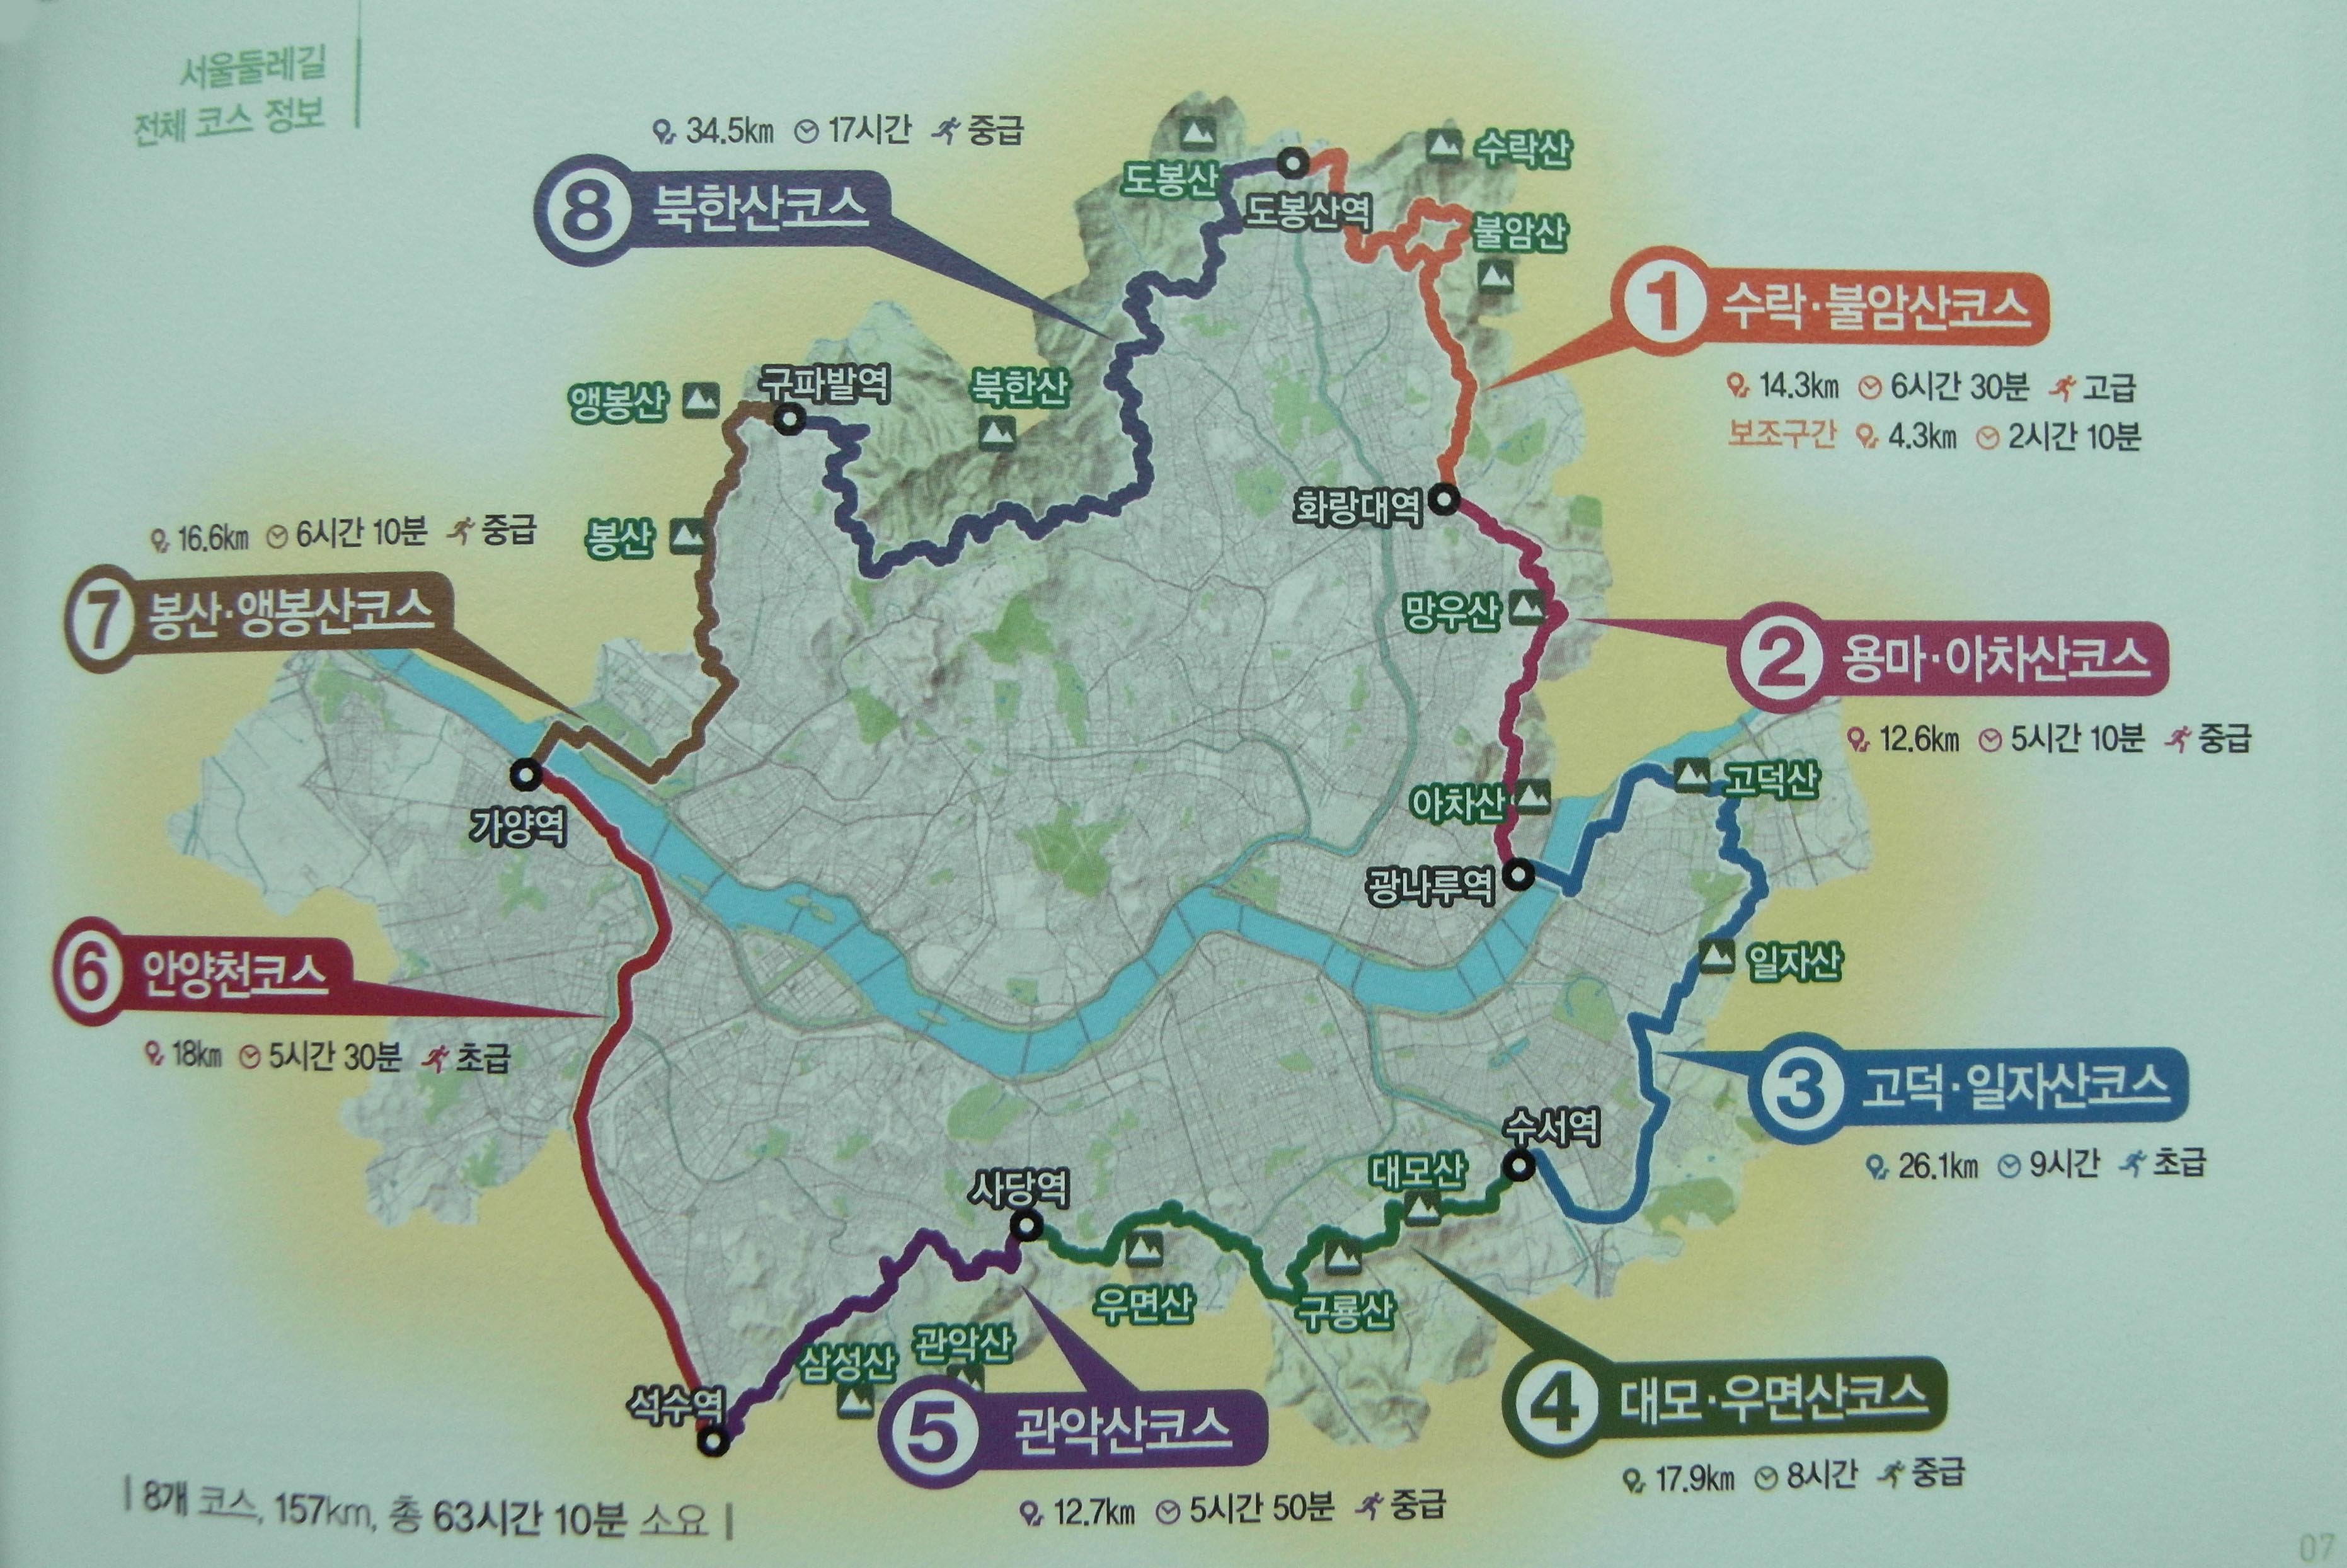 서울둘레길 1-1코스(수락산코스)- 도봉산역 청포원에서 철쭉동산 당고개역까지